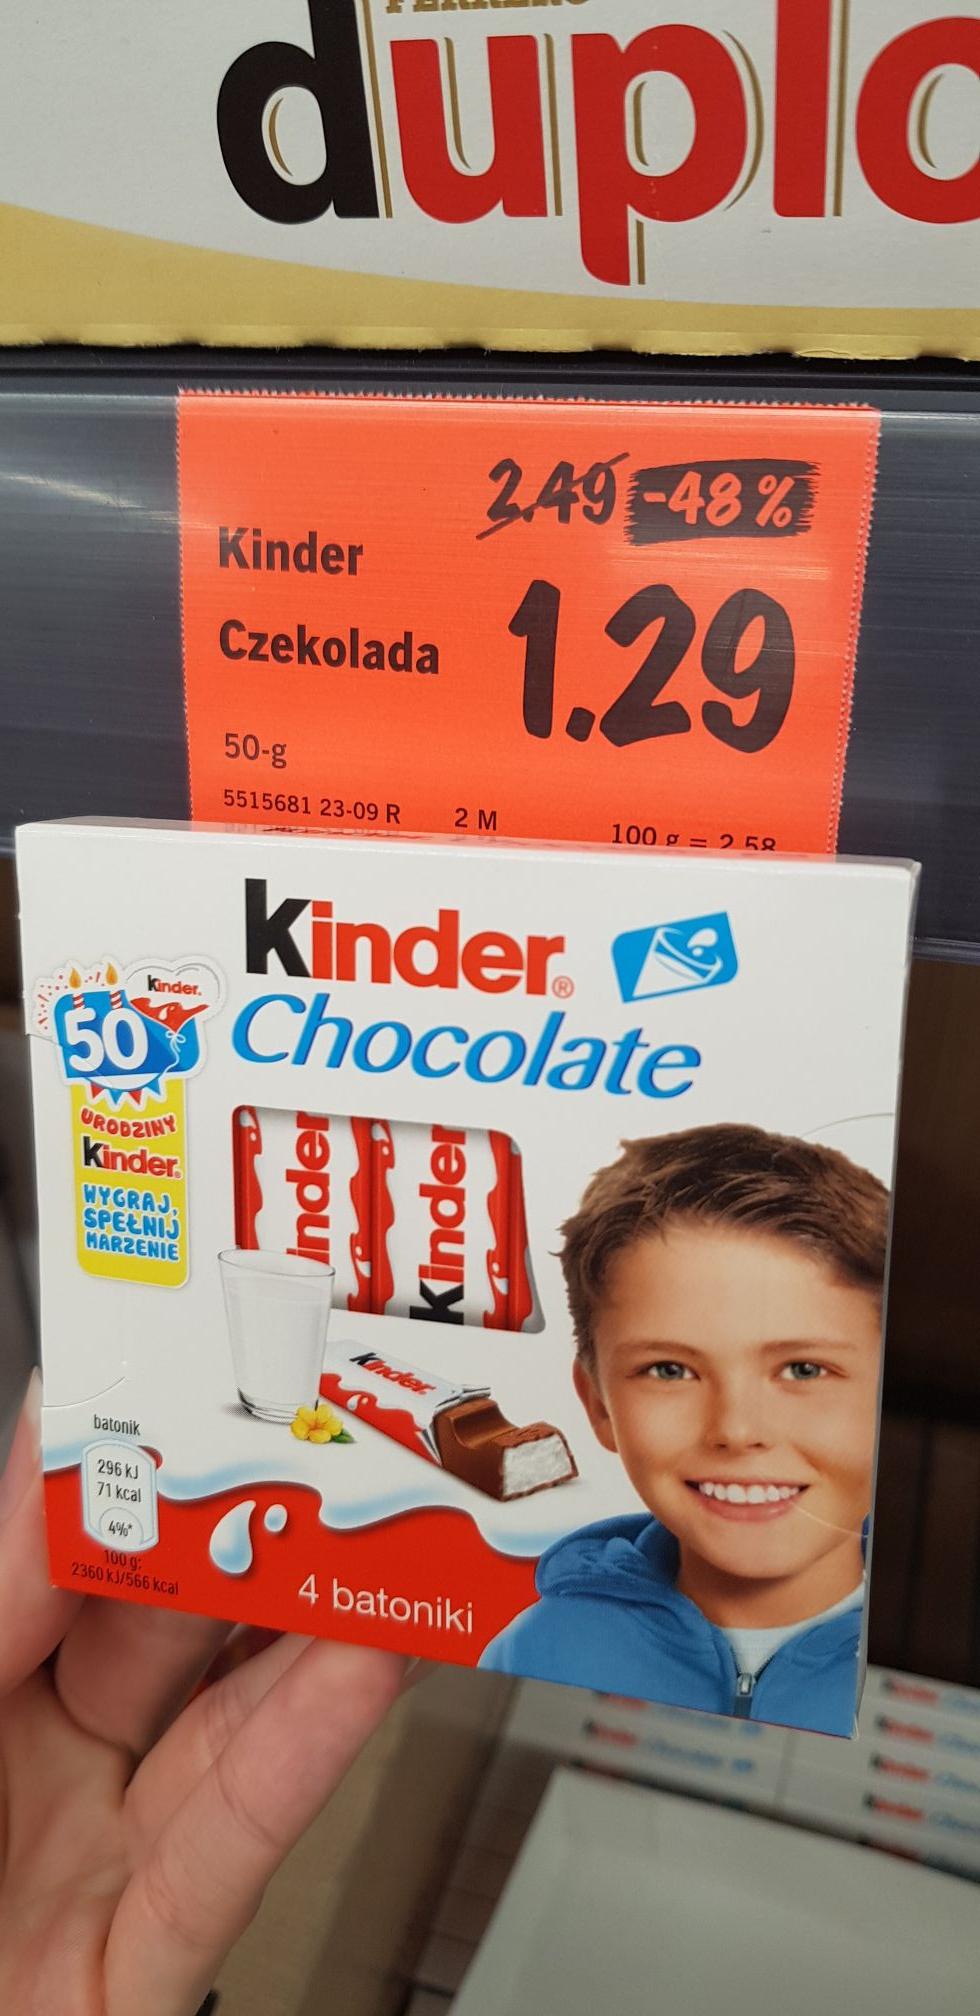 Kinder chocolate 50g 1,29 oraz Maxi 126g 3.49 z 7.